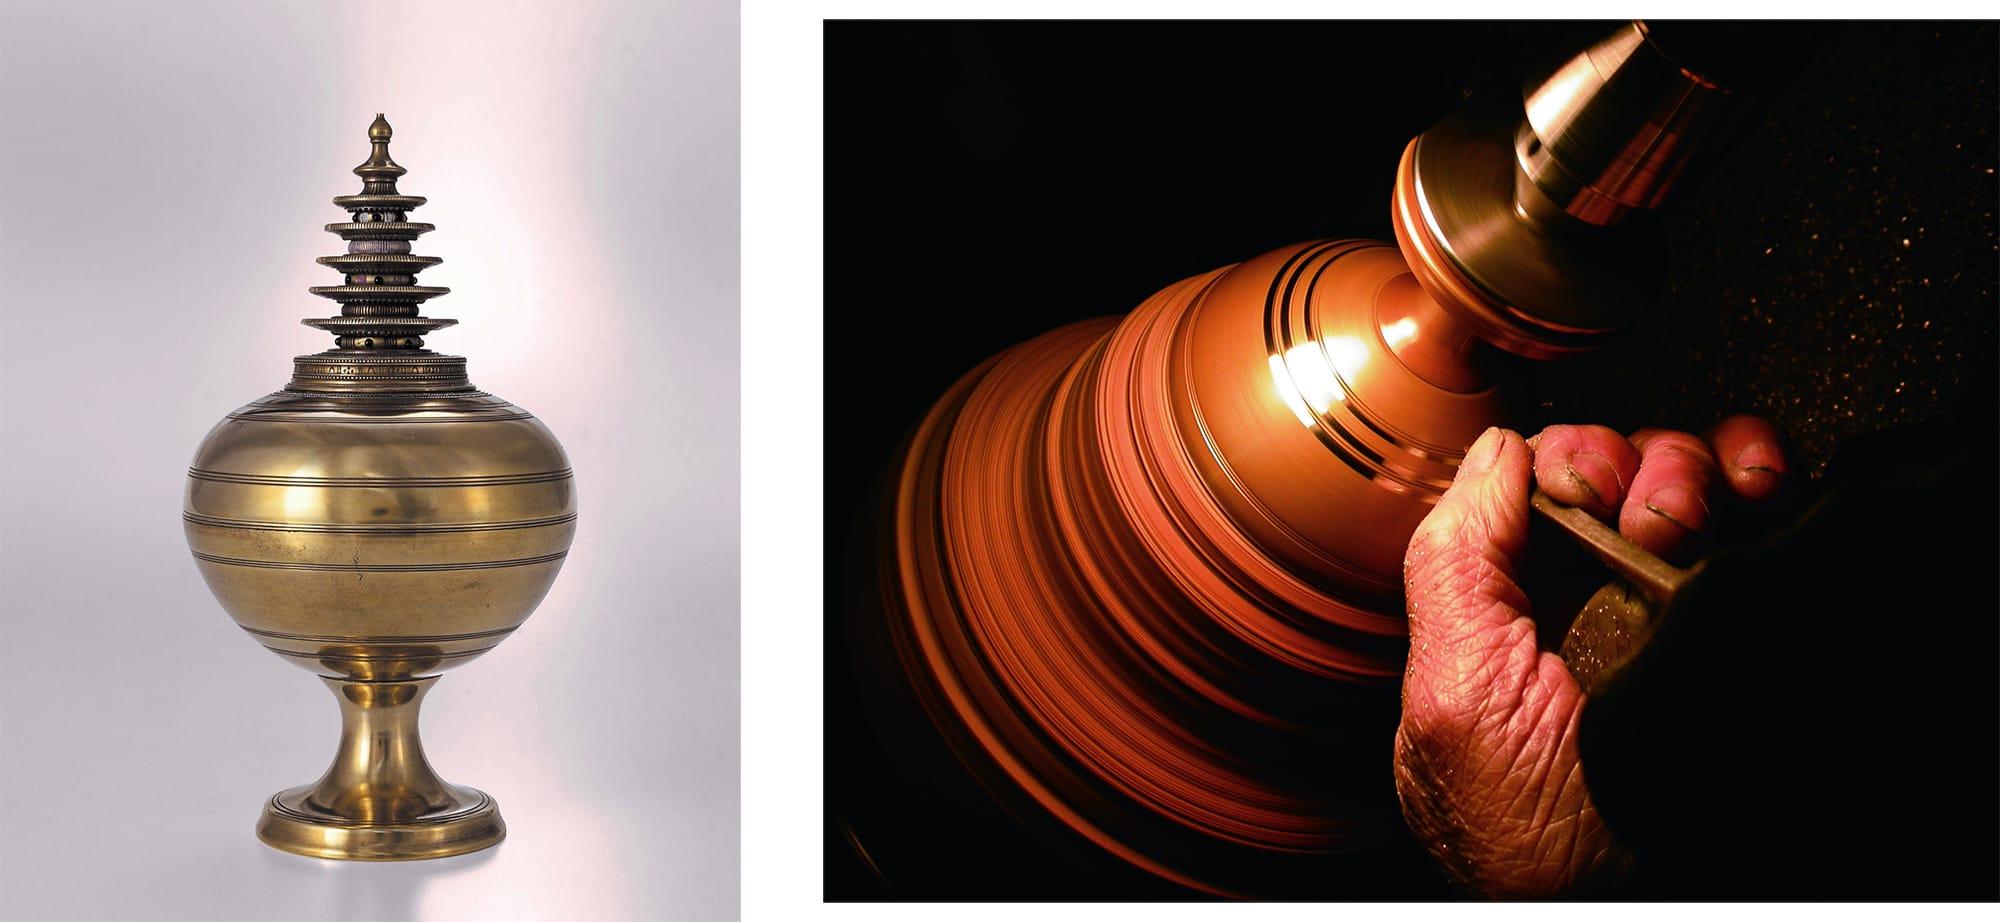 左:模造 黄銅合子(おうどうのごうす) 正倉院事務所蔵 右:模造 黄銅合子(おうどうのごうす)の表面を削っている様子